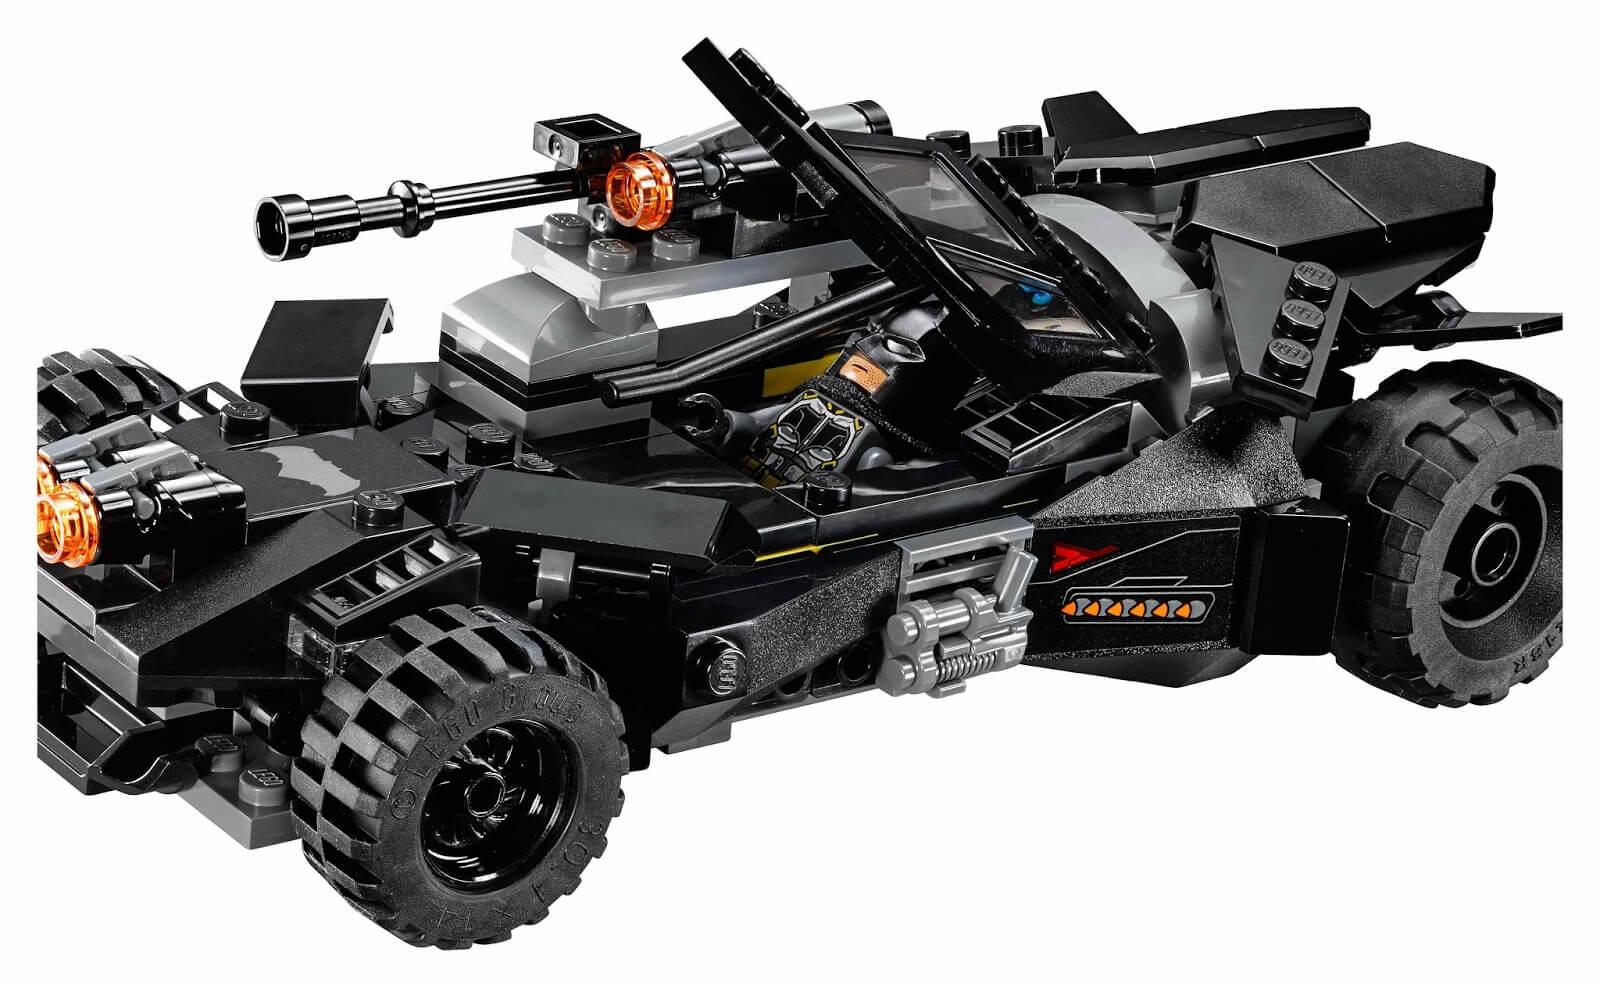 Mua đồ chơi LEGO 76087 - LEGO DC Comics Super Heroes 76087 - Phi Thuyền Flying Fox chở Siêu Xe Batmobile (LEGO DC Comics Super Heroes Flying Fox: Batmobile Airlift Attack)